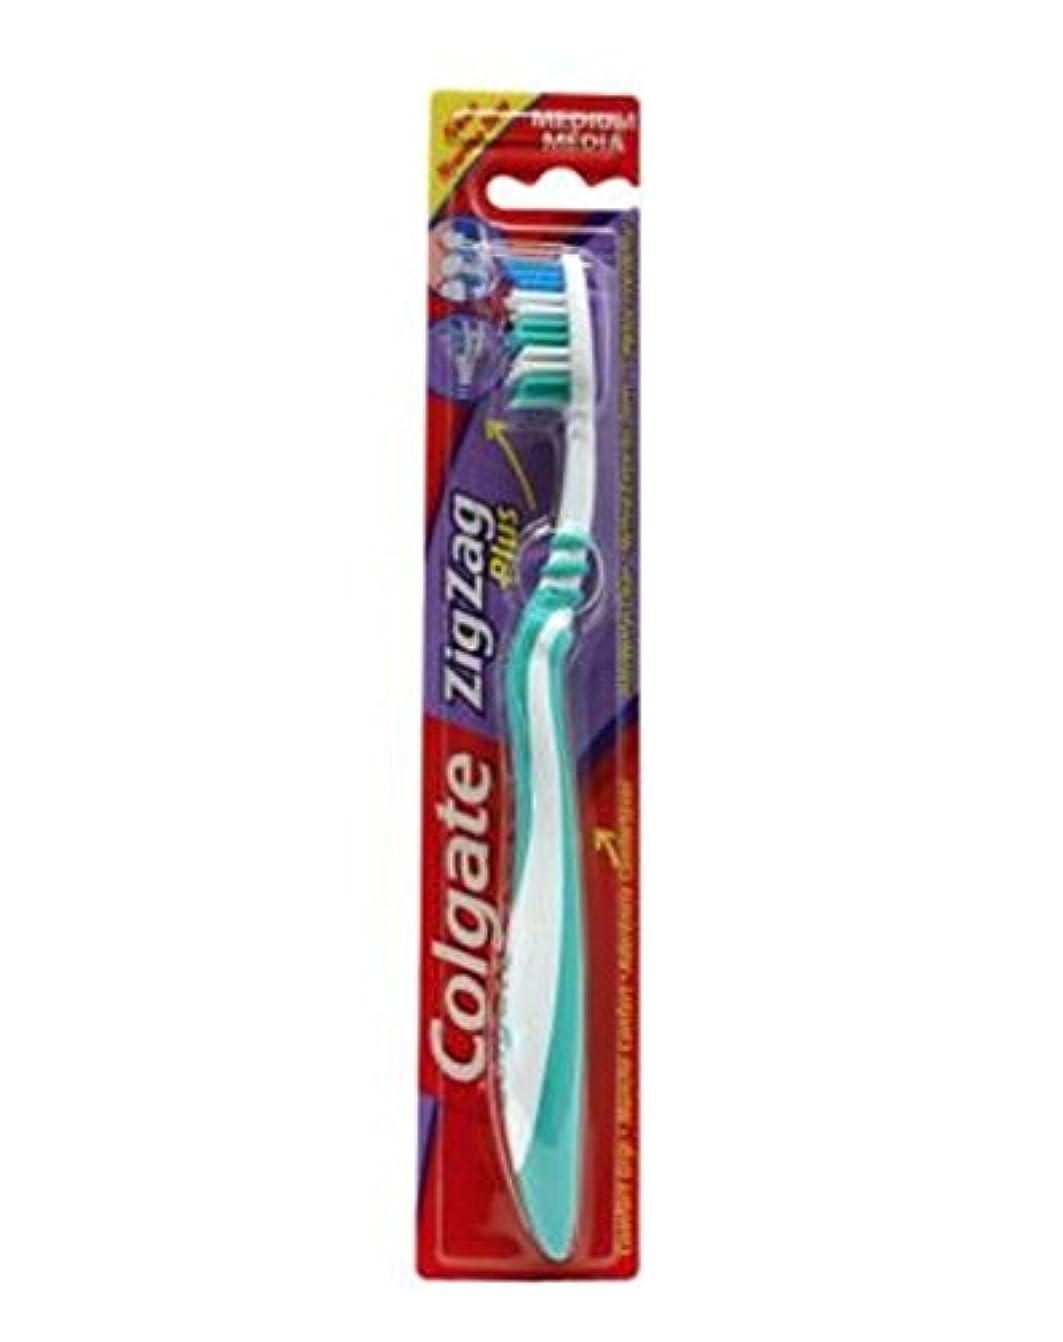 ボウル昼食独立したColgate Zig Zag Plus Toothbrush Medium - コルゲートジグザグプラス歯ブラシ媒体 (Colgate) [並行輸入品]